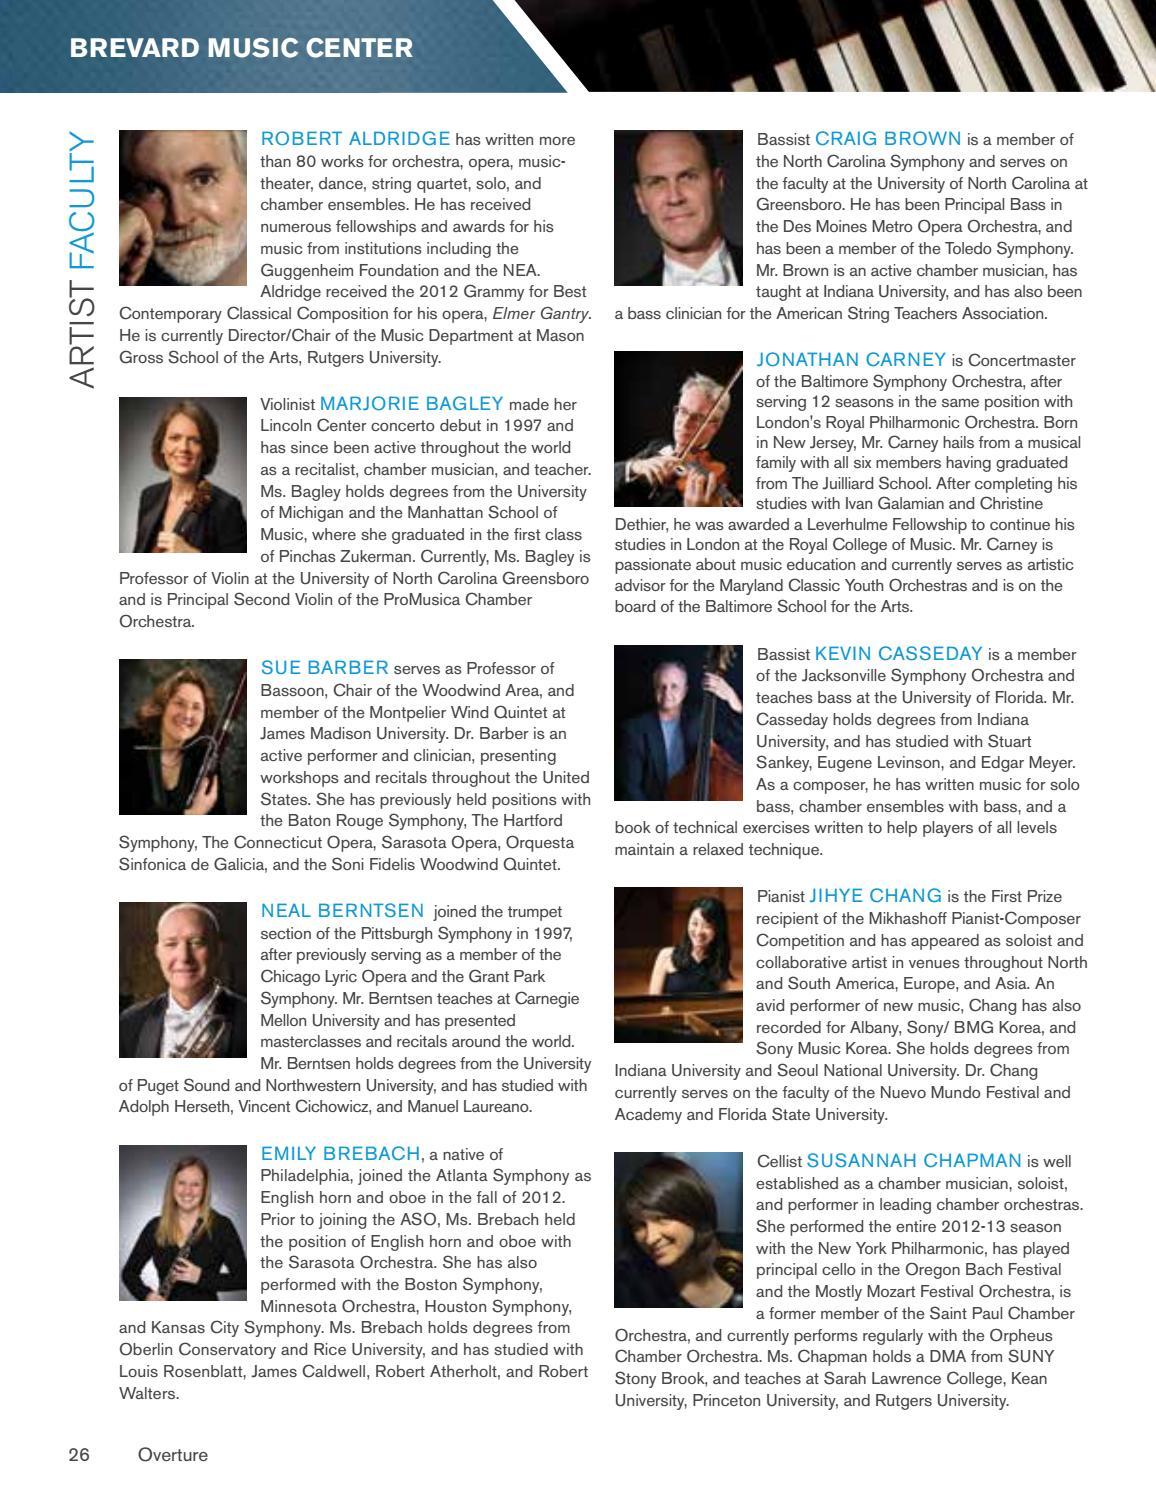 2017 BMC Overture Magazine by Brevard Music Center - issuu